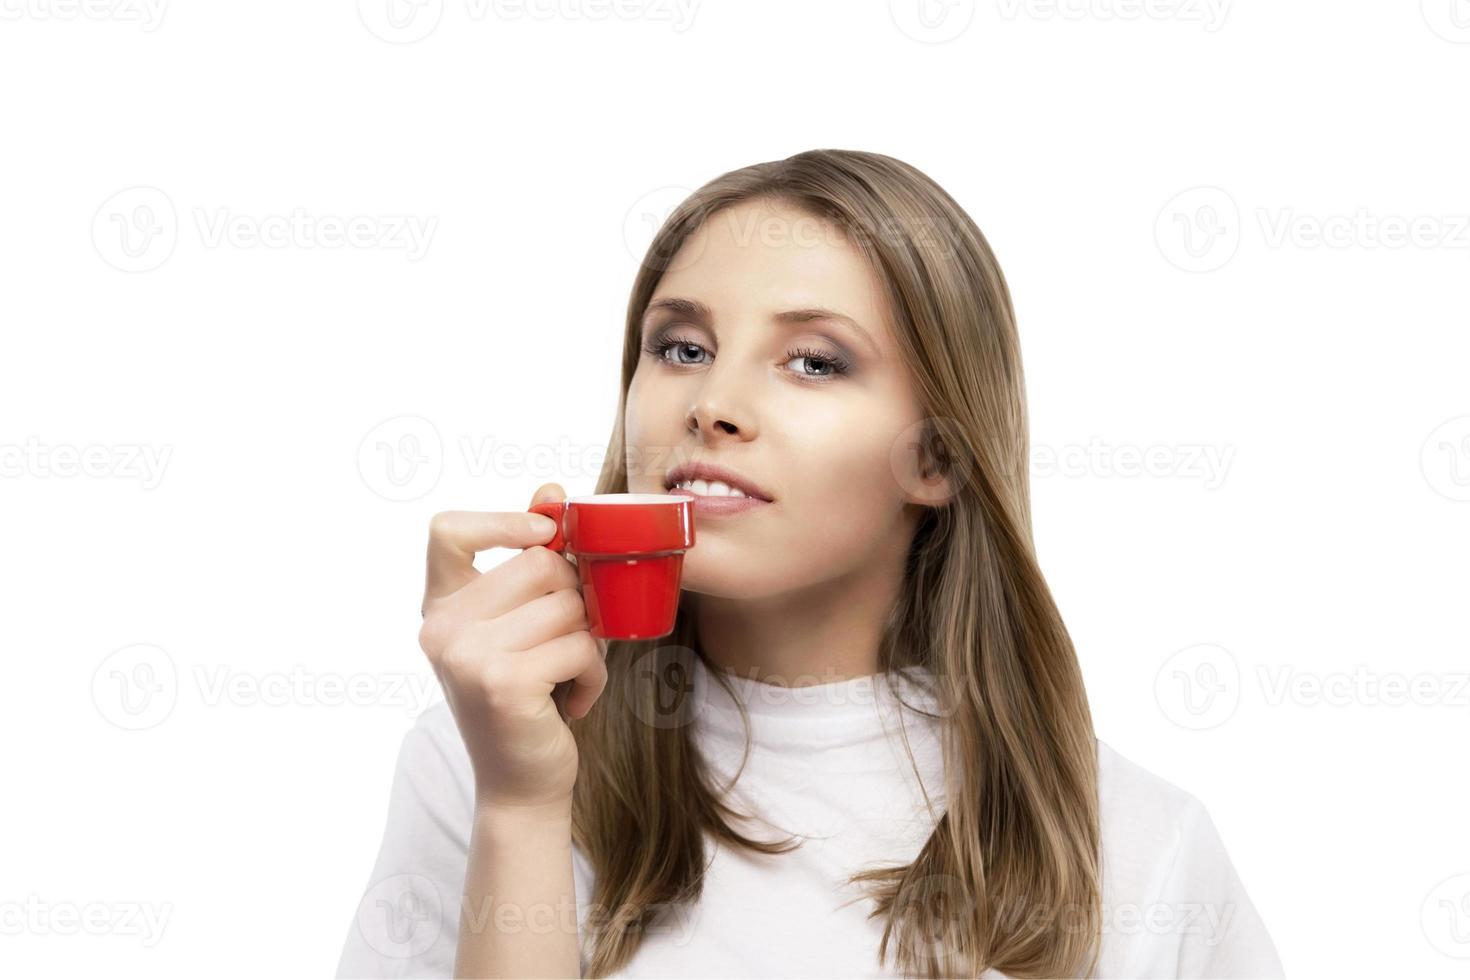 belle fille boit un café photo